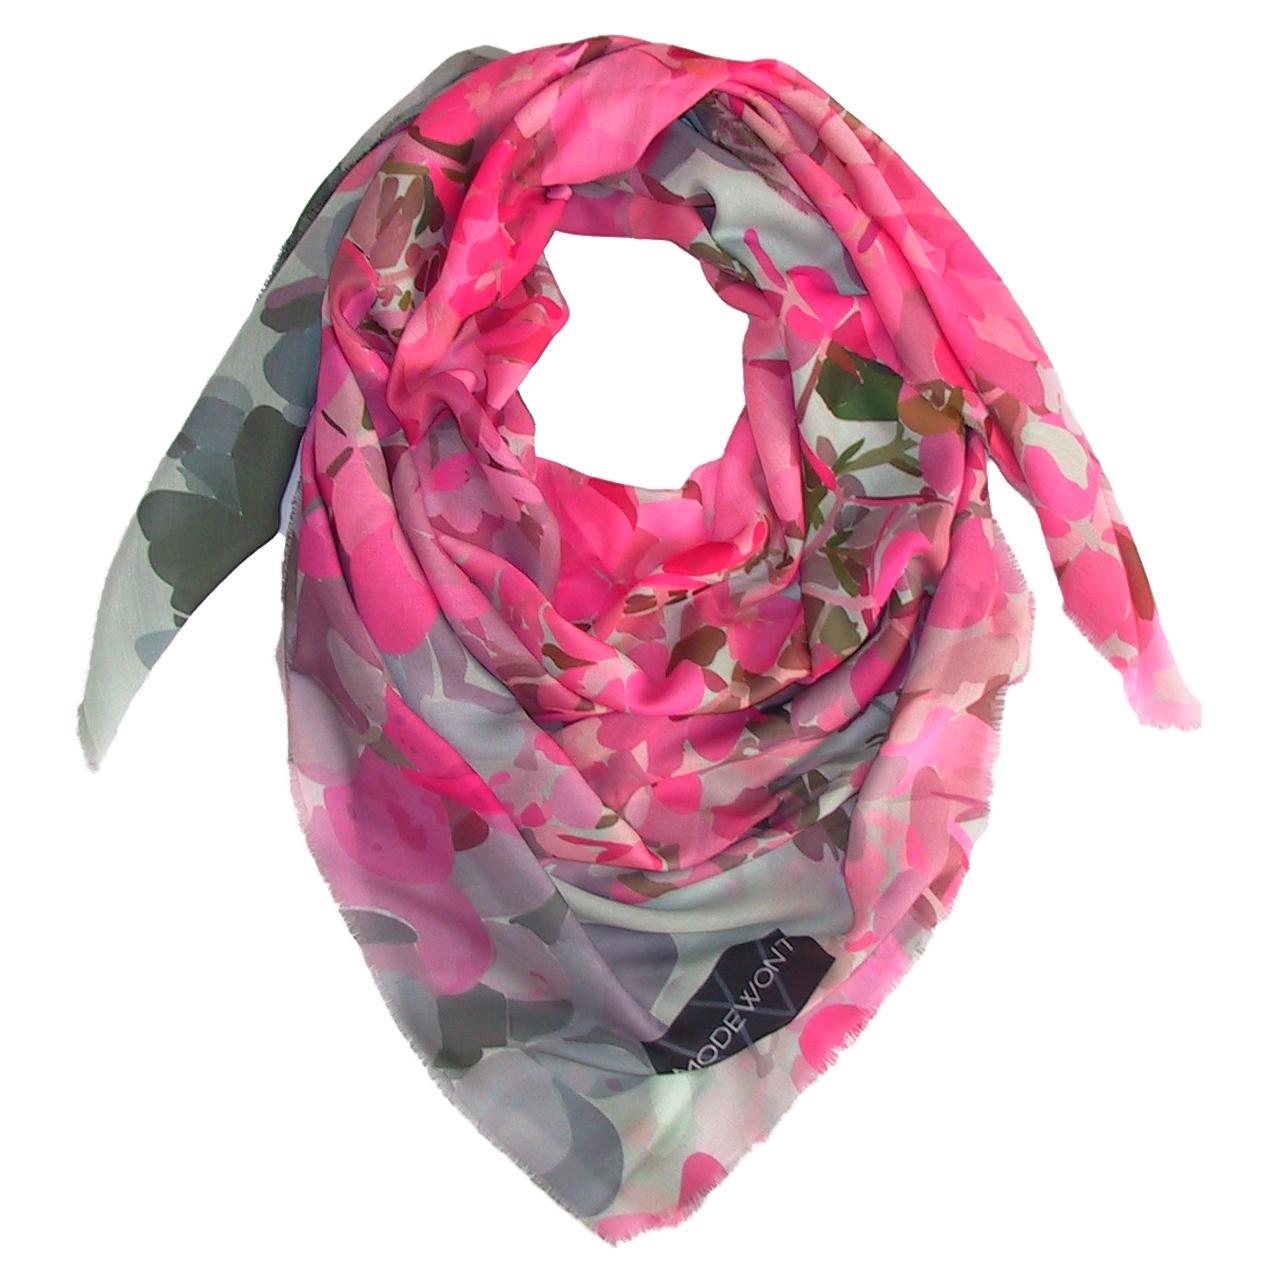 قیمت روسری زنانه مد وونت کد 035